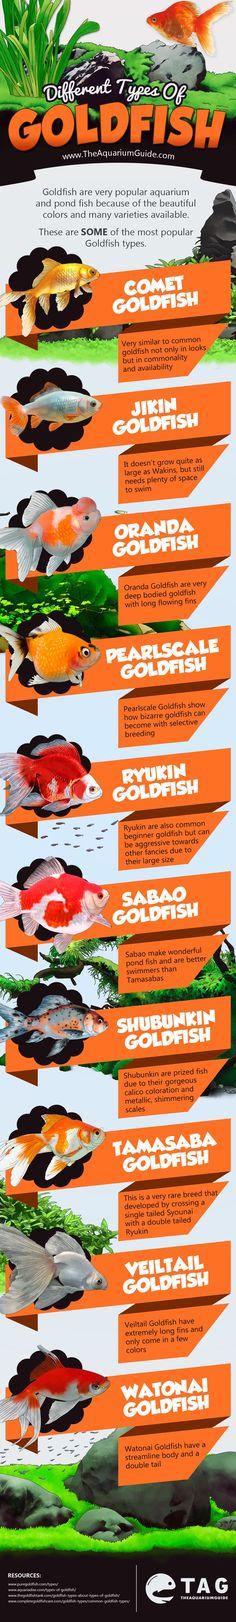 """A """"legegyszerűbb"""" változat a közönséges aranyhal, nekik villás a farkuk. Azonban az aranyhalak kaphatók fátyolfarkú változatban is. Népszerű még a tarka (Shubunkin), a hólyagszemű, a legyezőfarkú, az """"égre néző"""" szemű, a rizsszemes pikkelyű, a fekete teleszkópszemű, az oroszlánfejű, és a gombafejű aranyhal is. Megkülönböztetünk egyszerű és osztott farkú aranyhal-törzseket."""